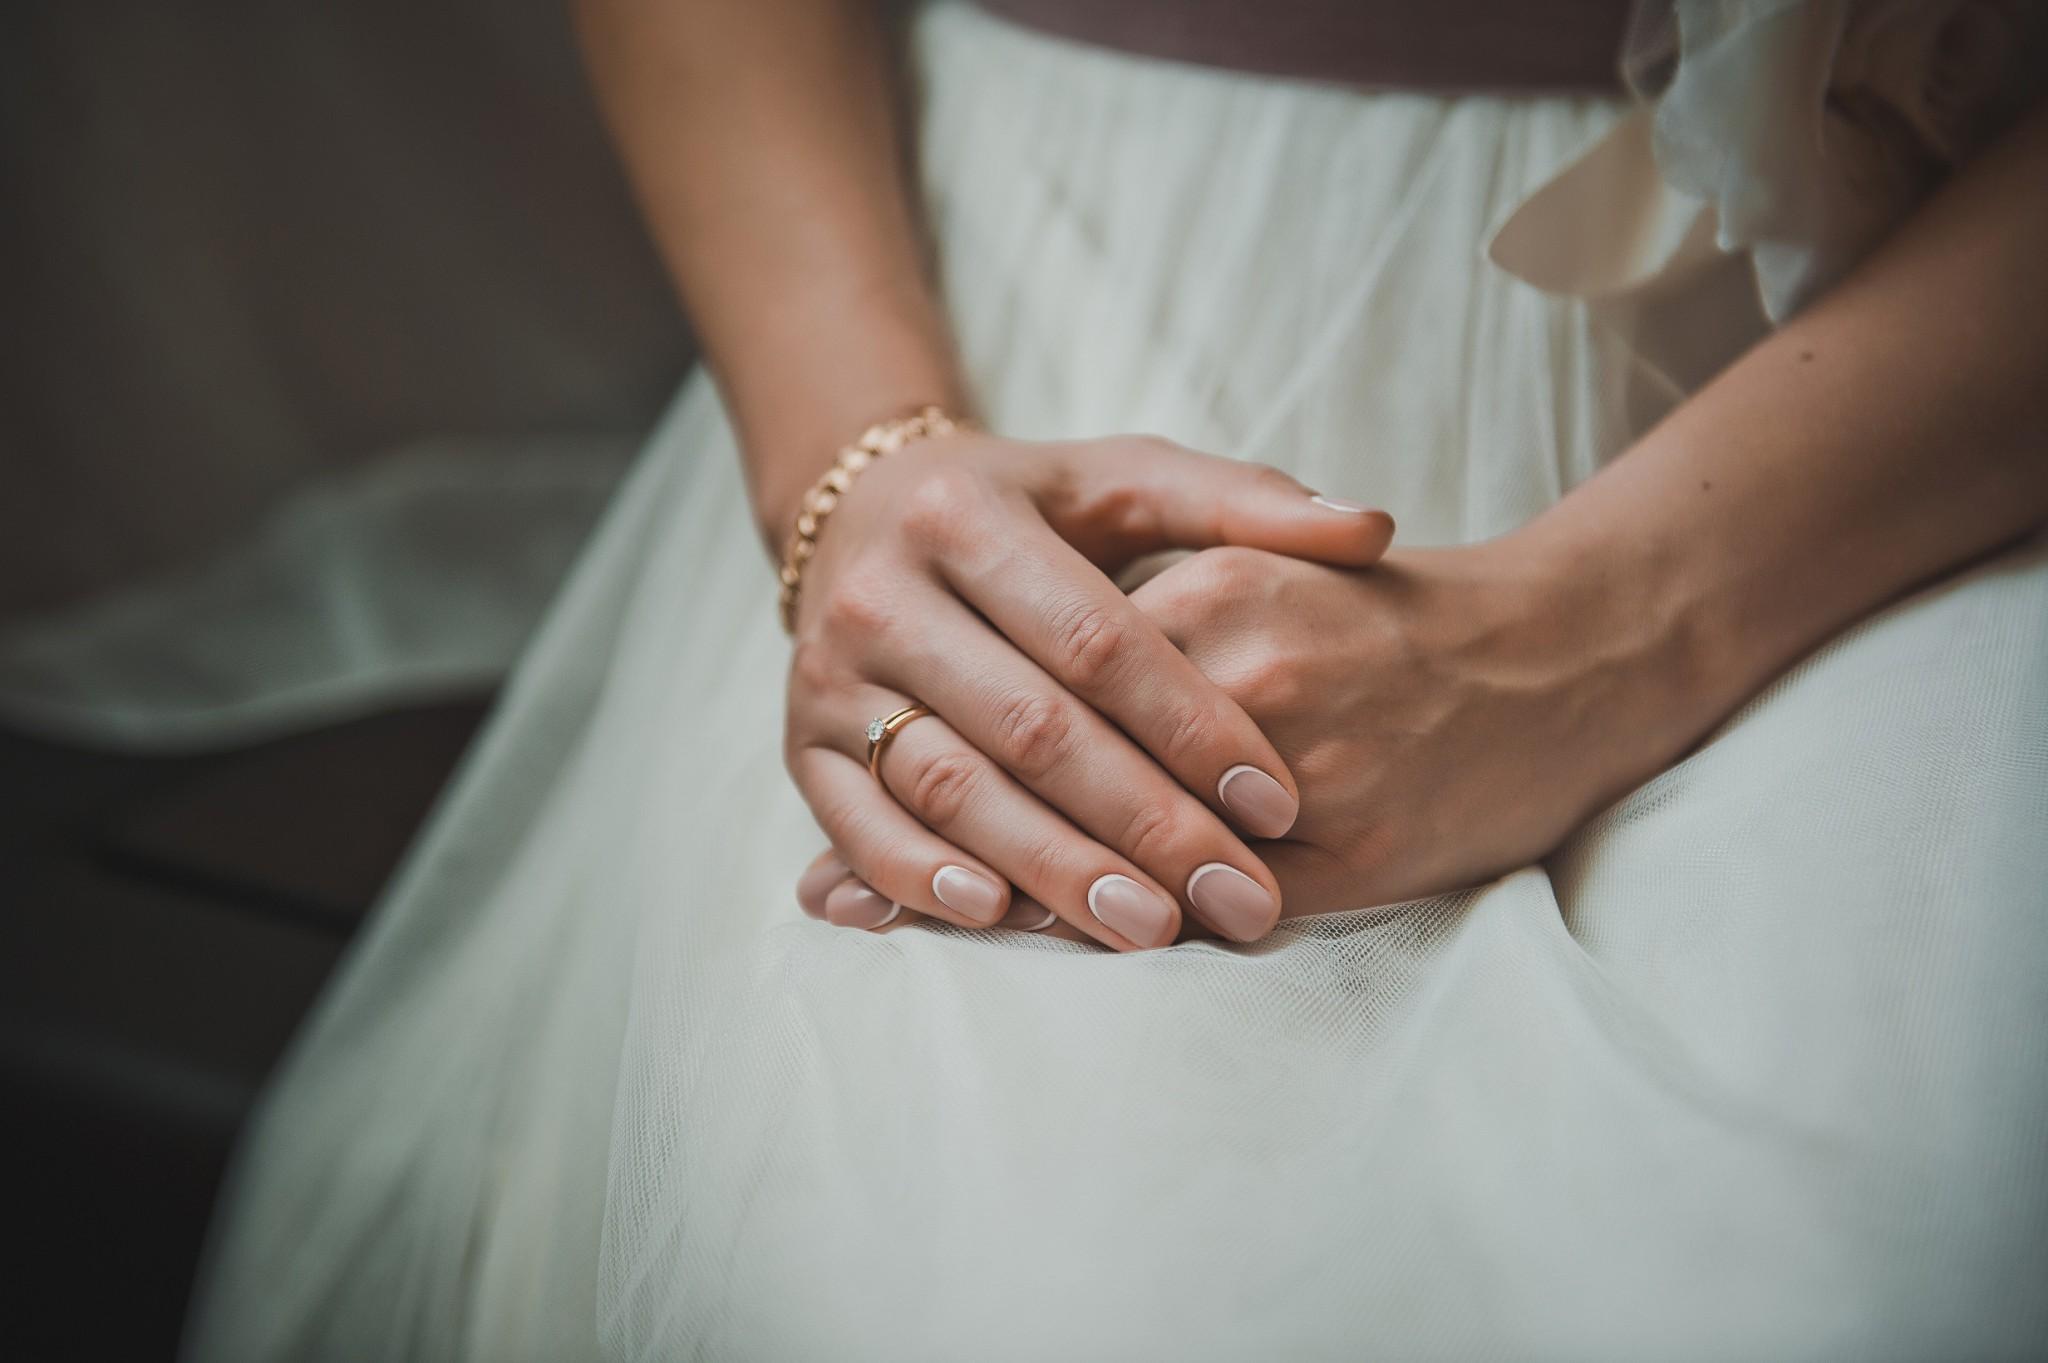 bc866b840de52 結婚の挨拶での服装 女性編 ワンピースが無難?パンツスタイルはOK ...